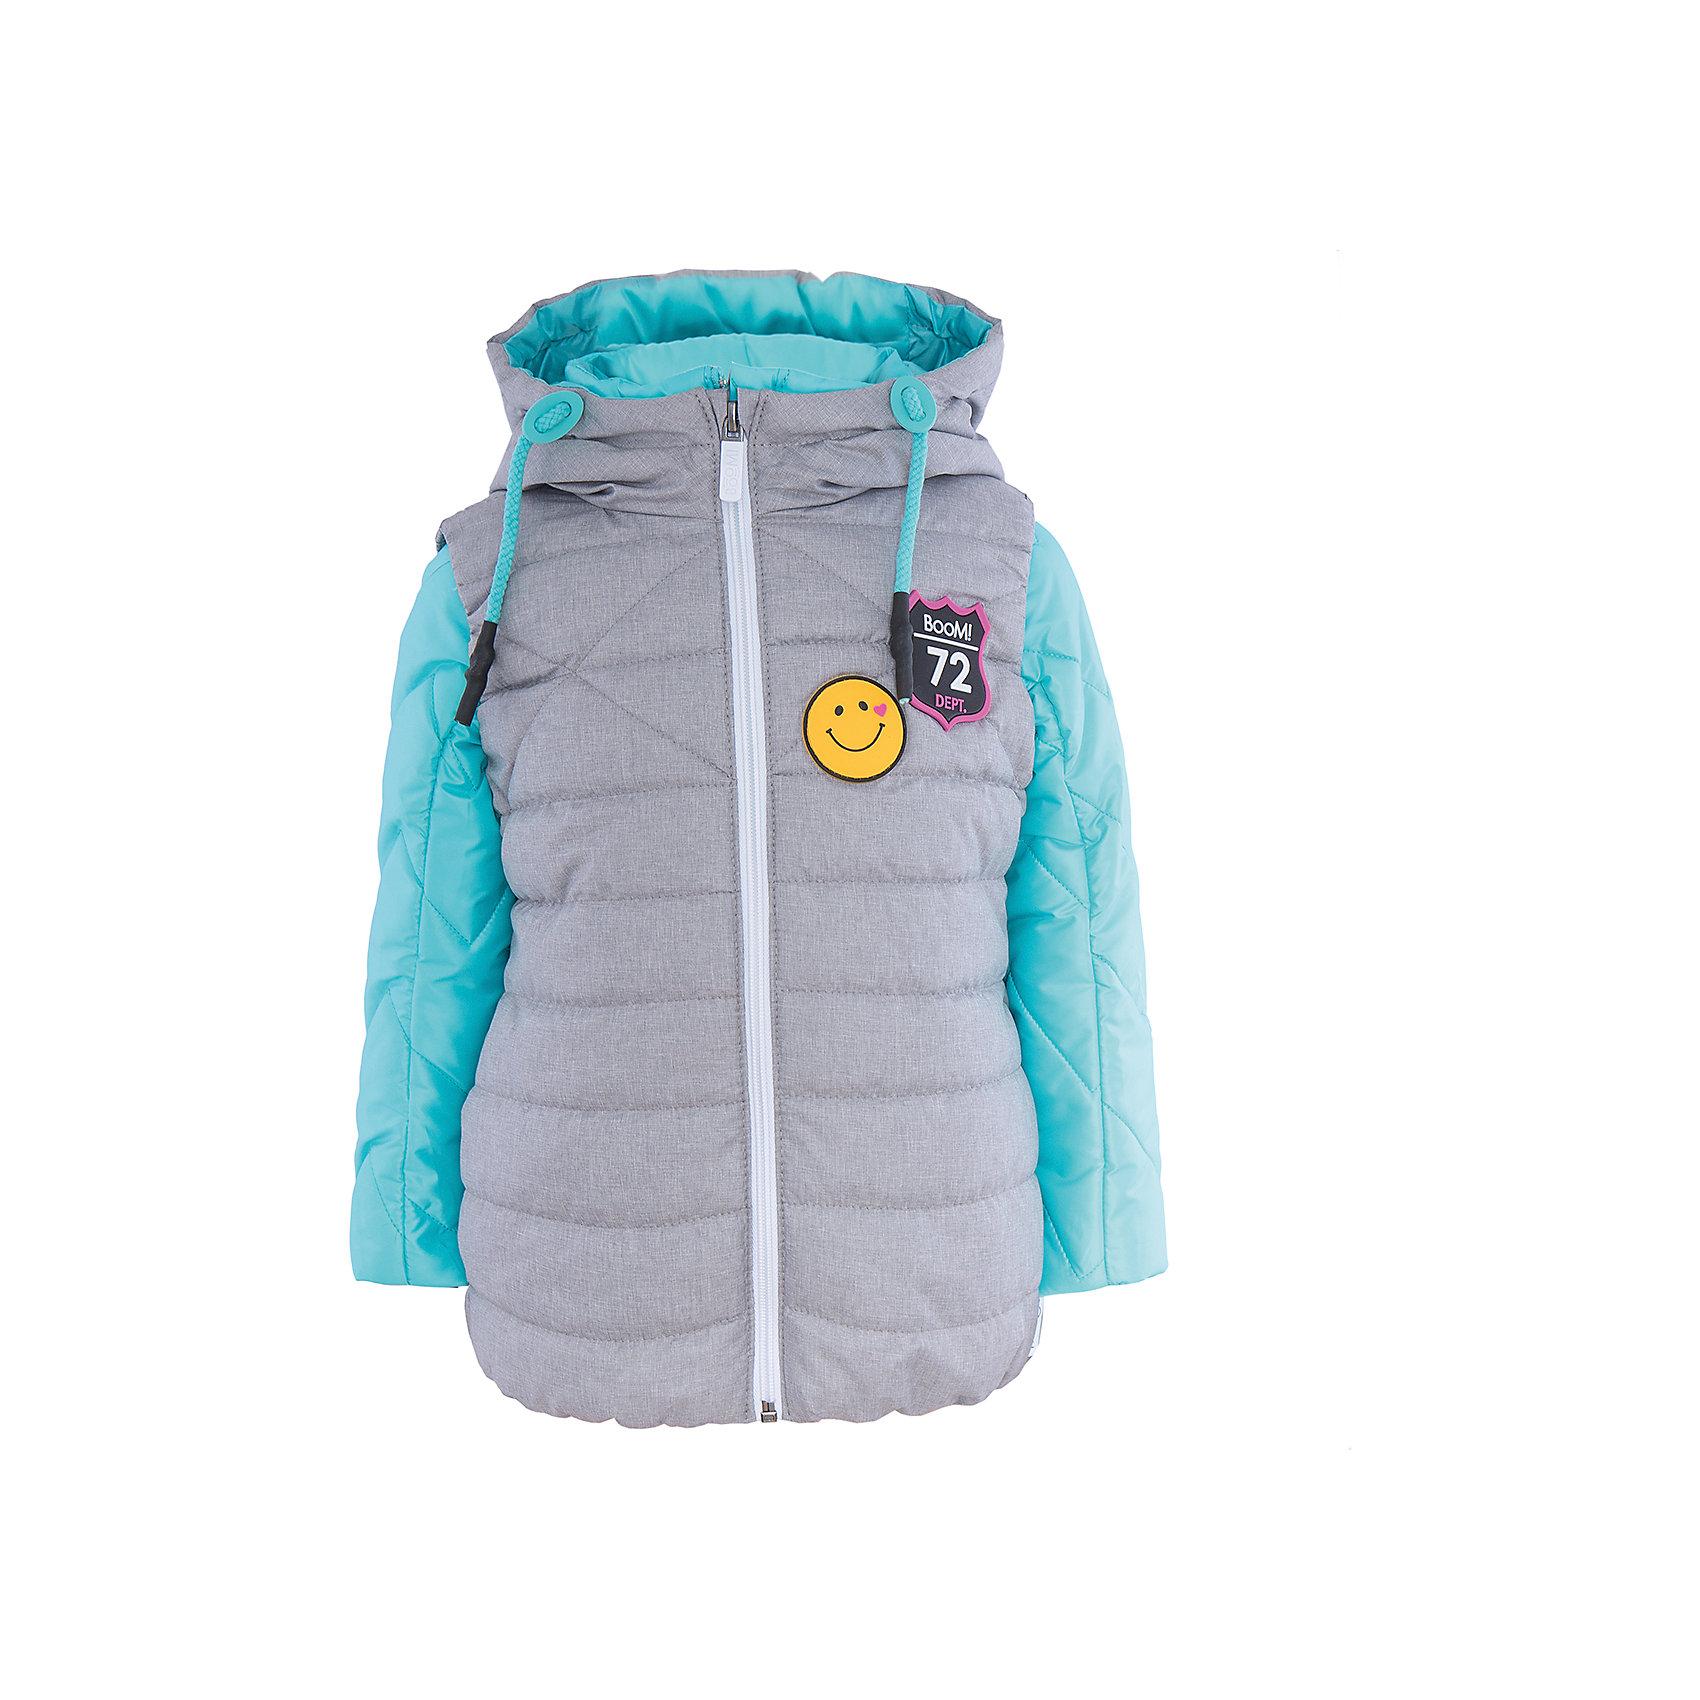 Куртка для девочки BOOM by OrbyВерхняя одежда<br>Характеристики товара:<br><br>• цвет: голубой/серый<br>• состав: 100% полиэстер<br>• курточка: верх - таффета, подкладка - поликоттон, полиэстер, утеплитель: Flexy Fiber 100 г/м2<br>• жилет: верх - таффета, подкладка - полиэстер, утеплитель: Flexy Fiber 150 г/м2<br>• комплектация: куртка, жилет<br>• температурный режим: от +15°до +5°С <br>• капюшон (не отстегивается)<br>• воротник-стойка<br>• застежка - молния<br>• модель-трансформер<br>• стеганая<br>• декорирована нашивками<br>• комфортная посадка<br>• страна производства: Российская Федерация<br>• страна бренда: Российская Федерация<br>• коллекция: весна-лето 2017<br><br><br>Куртка-трансформер с жилетом - универсальный вариант для межсезонья с постоянно меняющейся погодой. Эта модель - модная и удобная одновременно! Изделие отличается стильным ярким дизайном. Куртка хорошо сидит по фигуре, отлично сочетается с различным низом. Вещь была разработана специально для детей.<br><br>Одежда от российского бренда BOOM by Orby уже завоевала популярностью у многих детей и их родителей. Вещи, выпускаемые компанией, качественные, продуманные и очень удобные. Для производства коллекций используются только безопасные для детей материалы. Спешите приобрести модели из новой коллекции Весна-лето 2017! <br><br>Куртку для девочки от бренда BOOM by Orby можно купить в нашем интернет-магазине.<br><br>Ширина мм: 356<br>Глубина мм: 10<br>Высота мм: 245<br>Вес г: 519<br>Цвет: голубой<br>Возраст от месяцев: 24<br>Возраст до месяцев: 36<br>Пол: Женский<br>Возраст: Детский<br>Размер: 98,116,122,128,134,140,146,152,158,110,104<br>SKU: 5343173